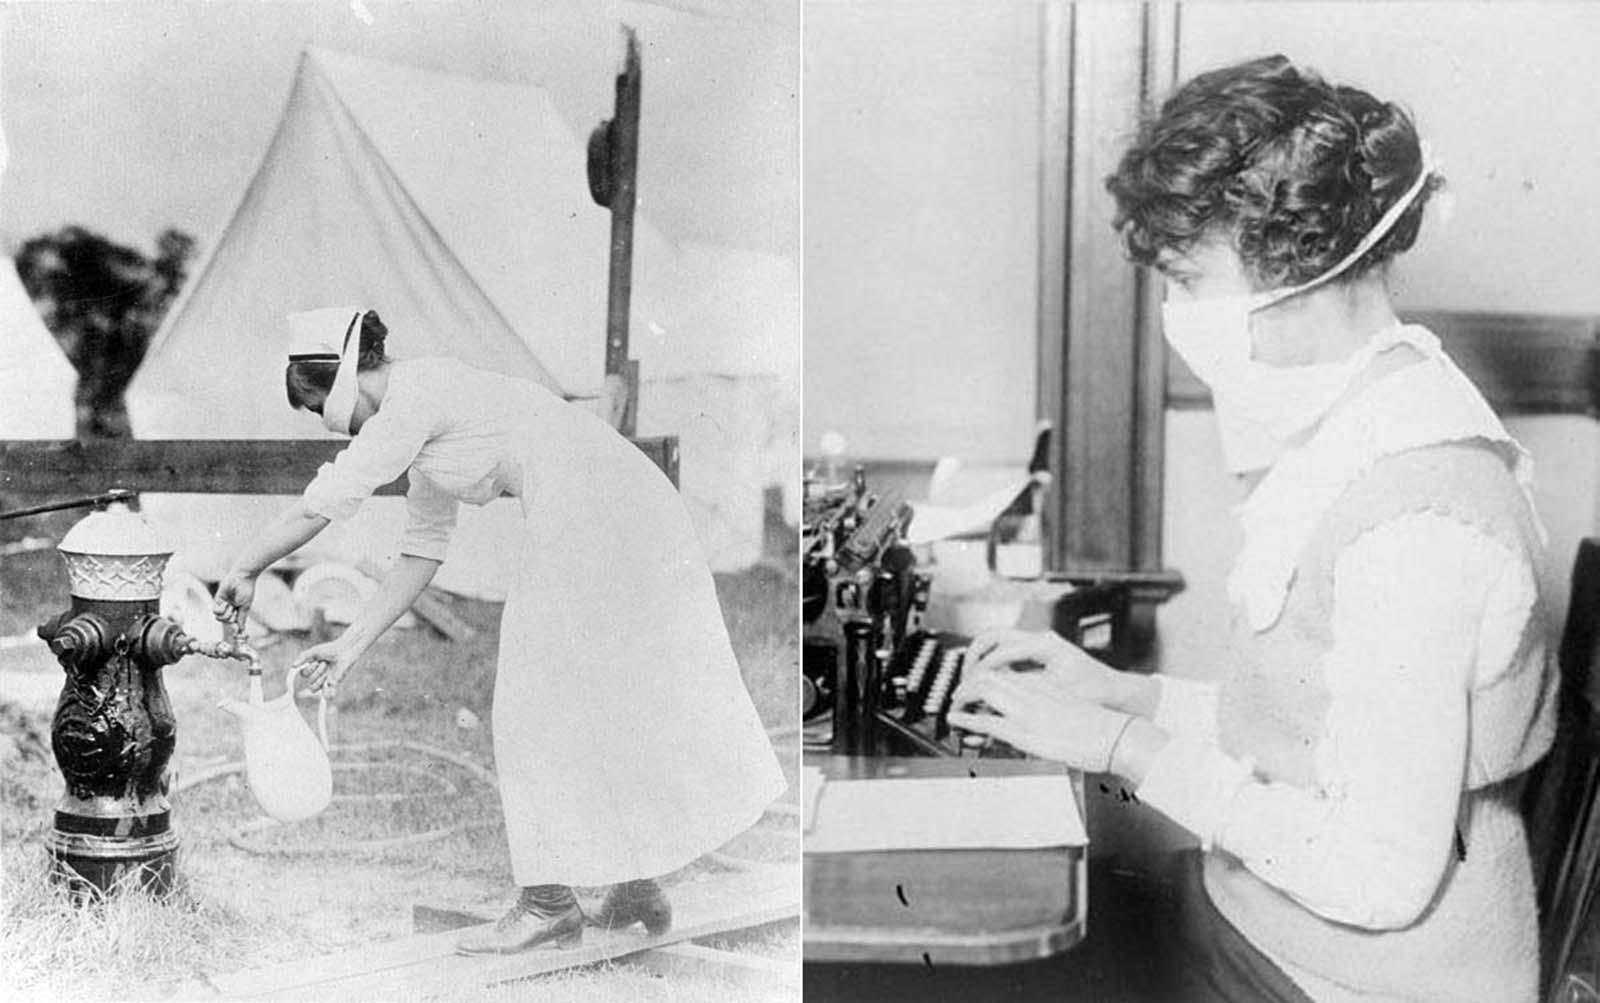 Esquerda: Um datilógrafo trabalha usando uma máscara, na cidade de Nova York.  Direita: Uma enfermeira se protege enquanto busca água.